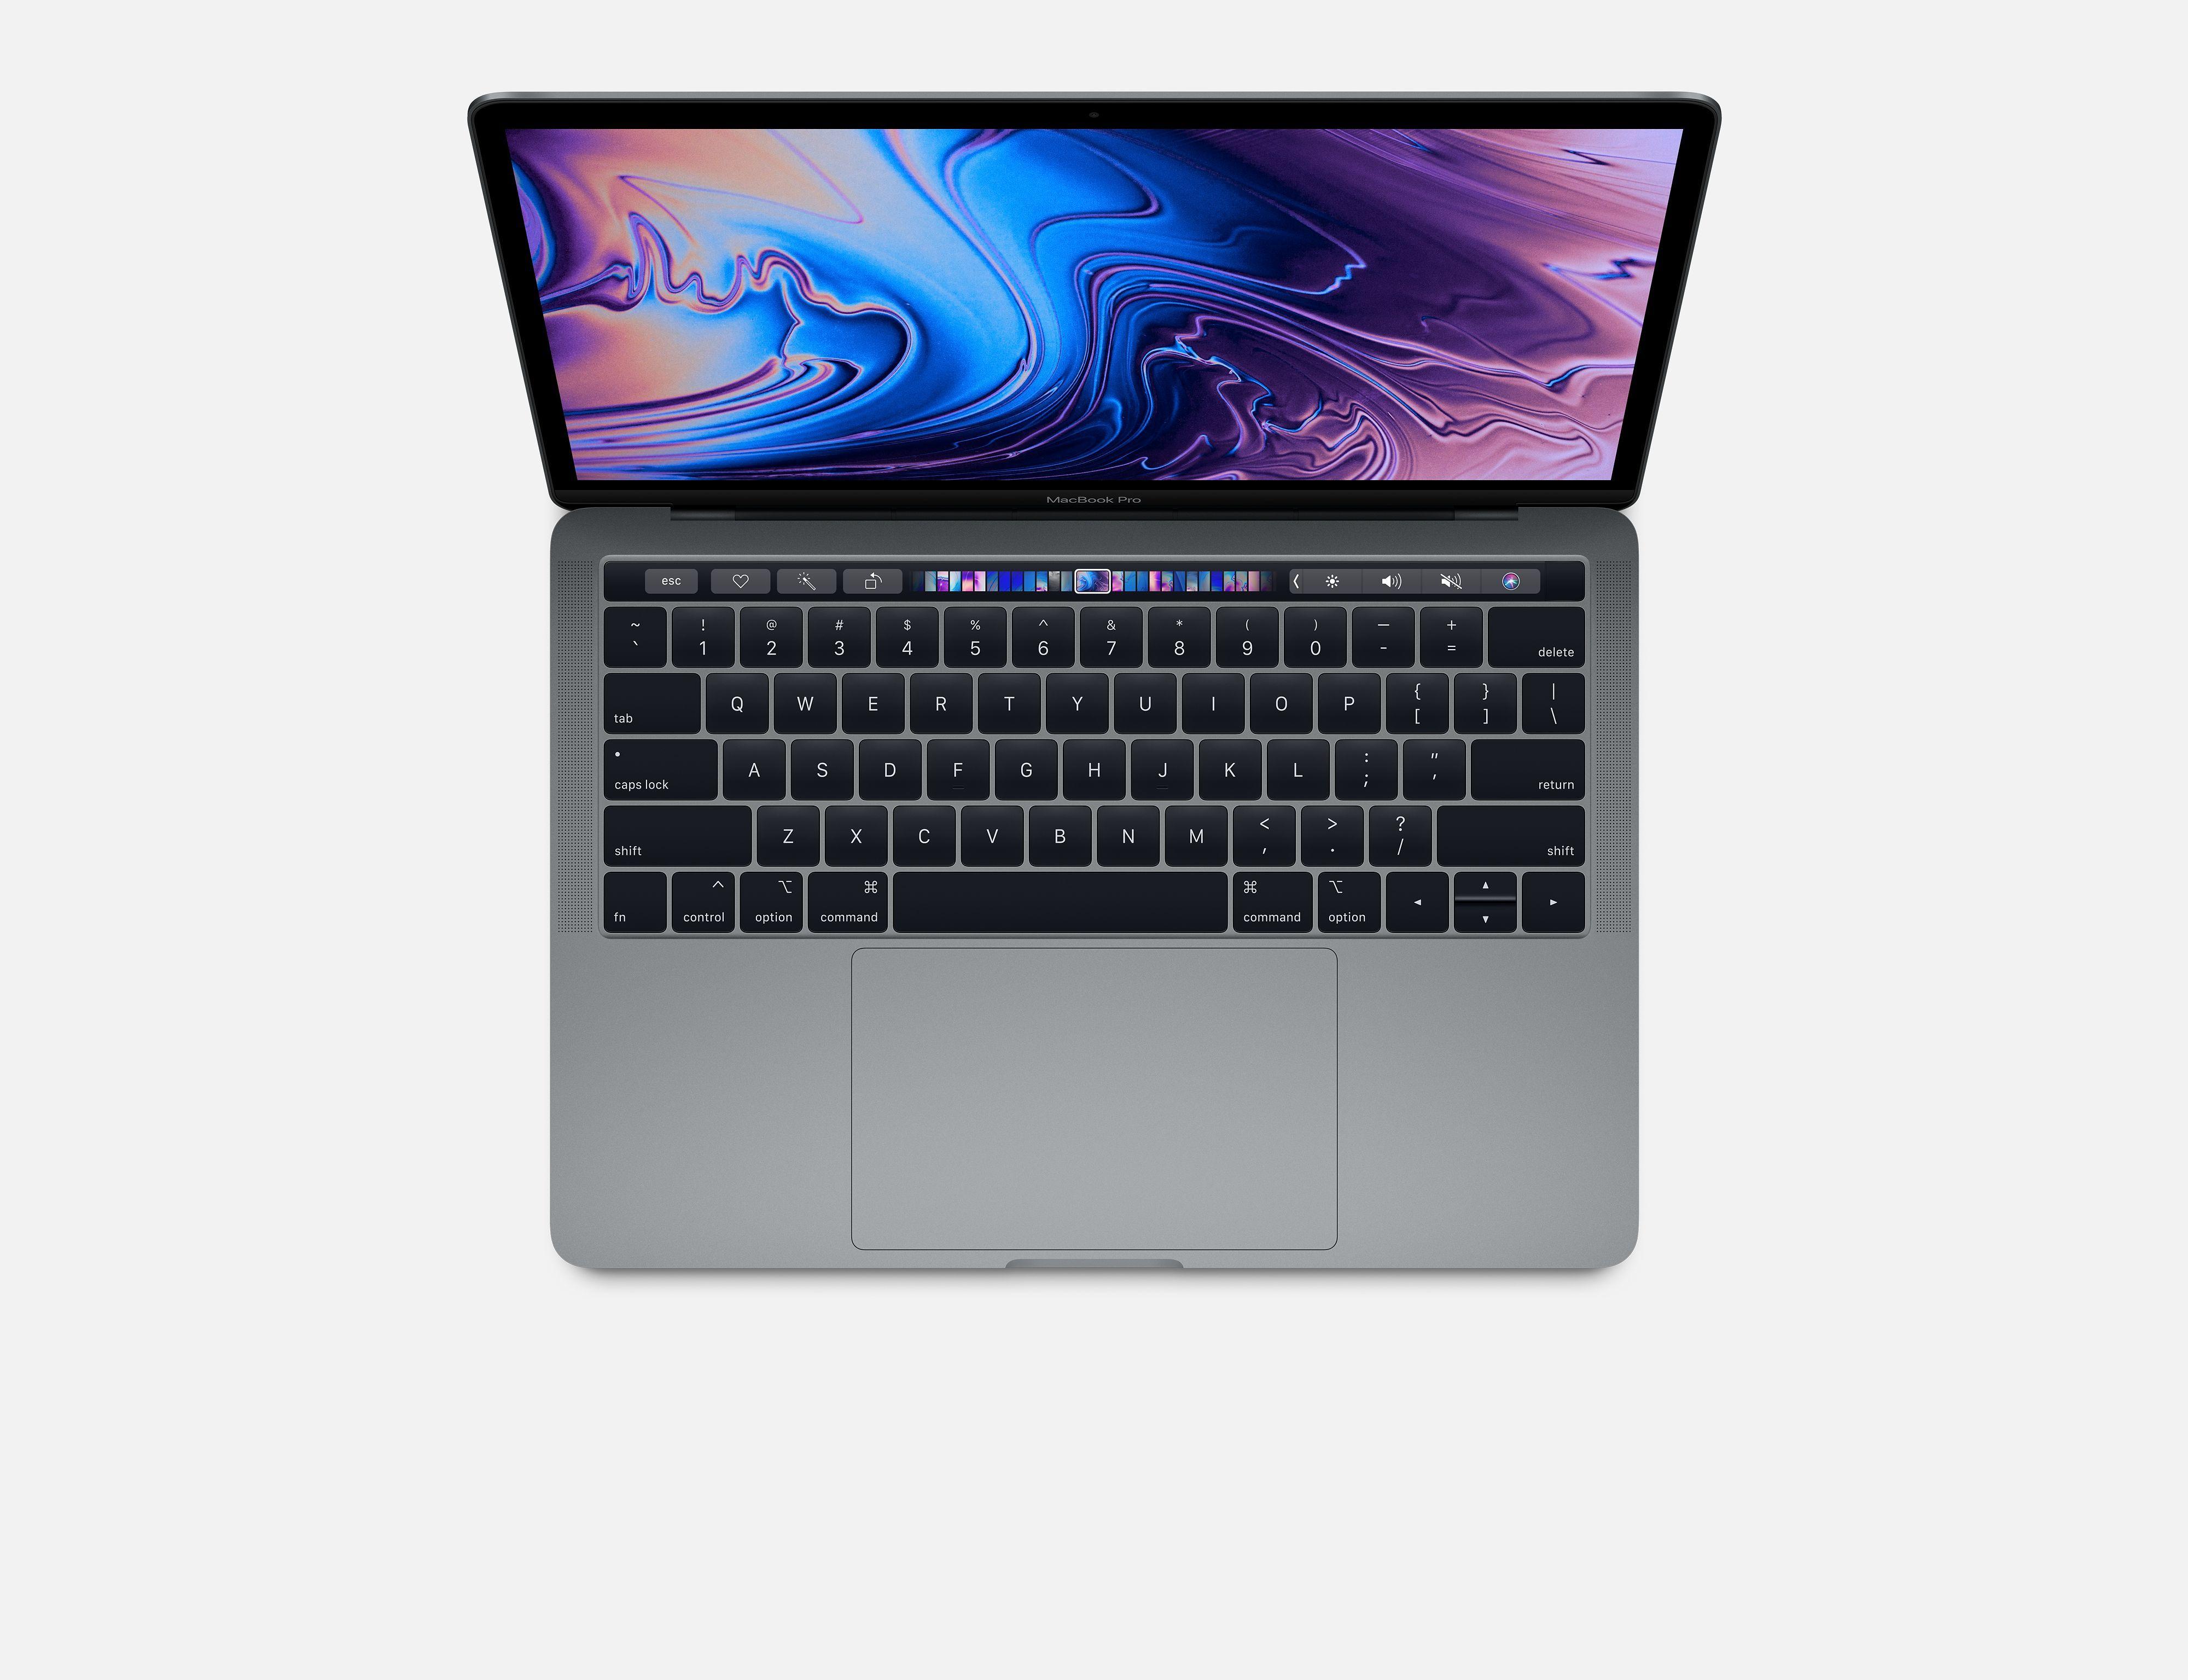 13 Inch Macbook Pro Space Gray Apple Macbook Pro Space Grey Newest Macbook Pro Macbook Pro Deals